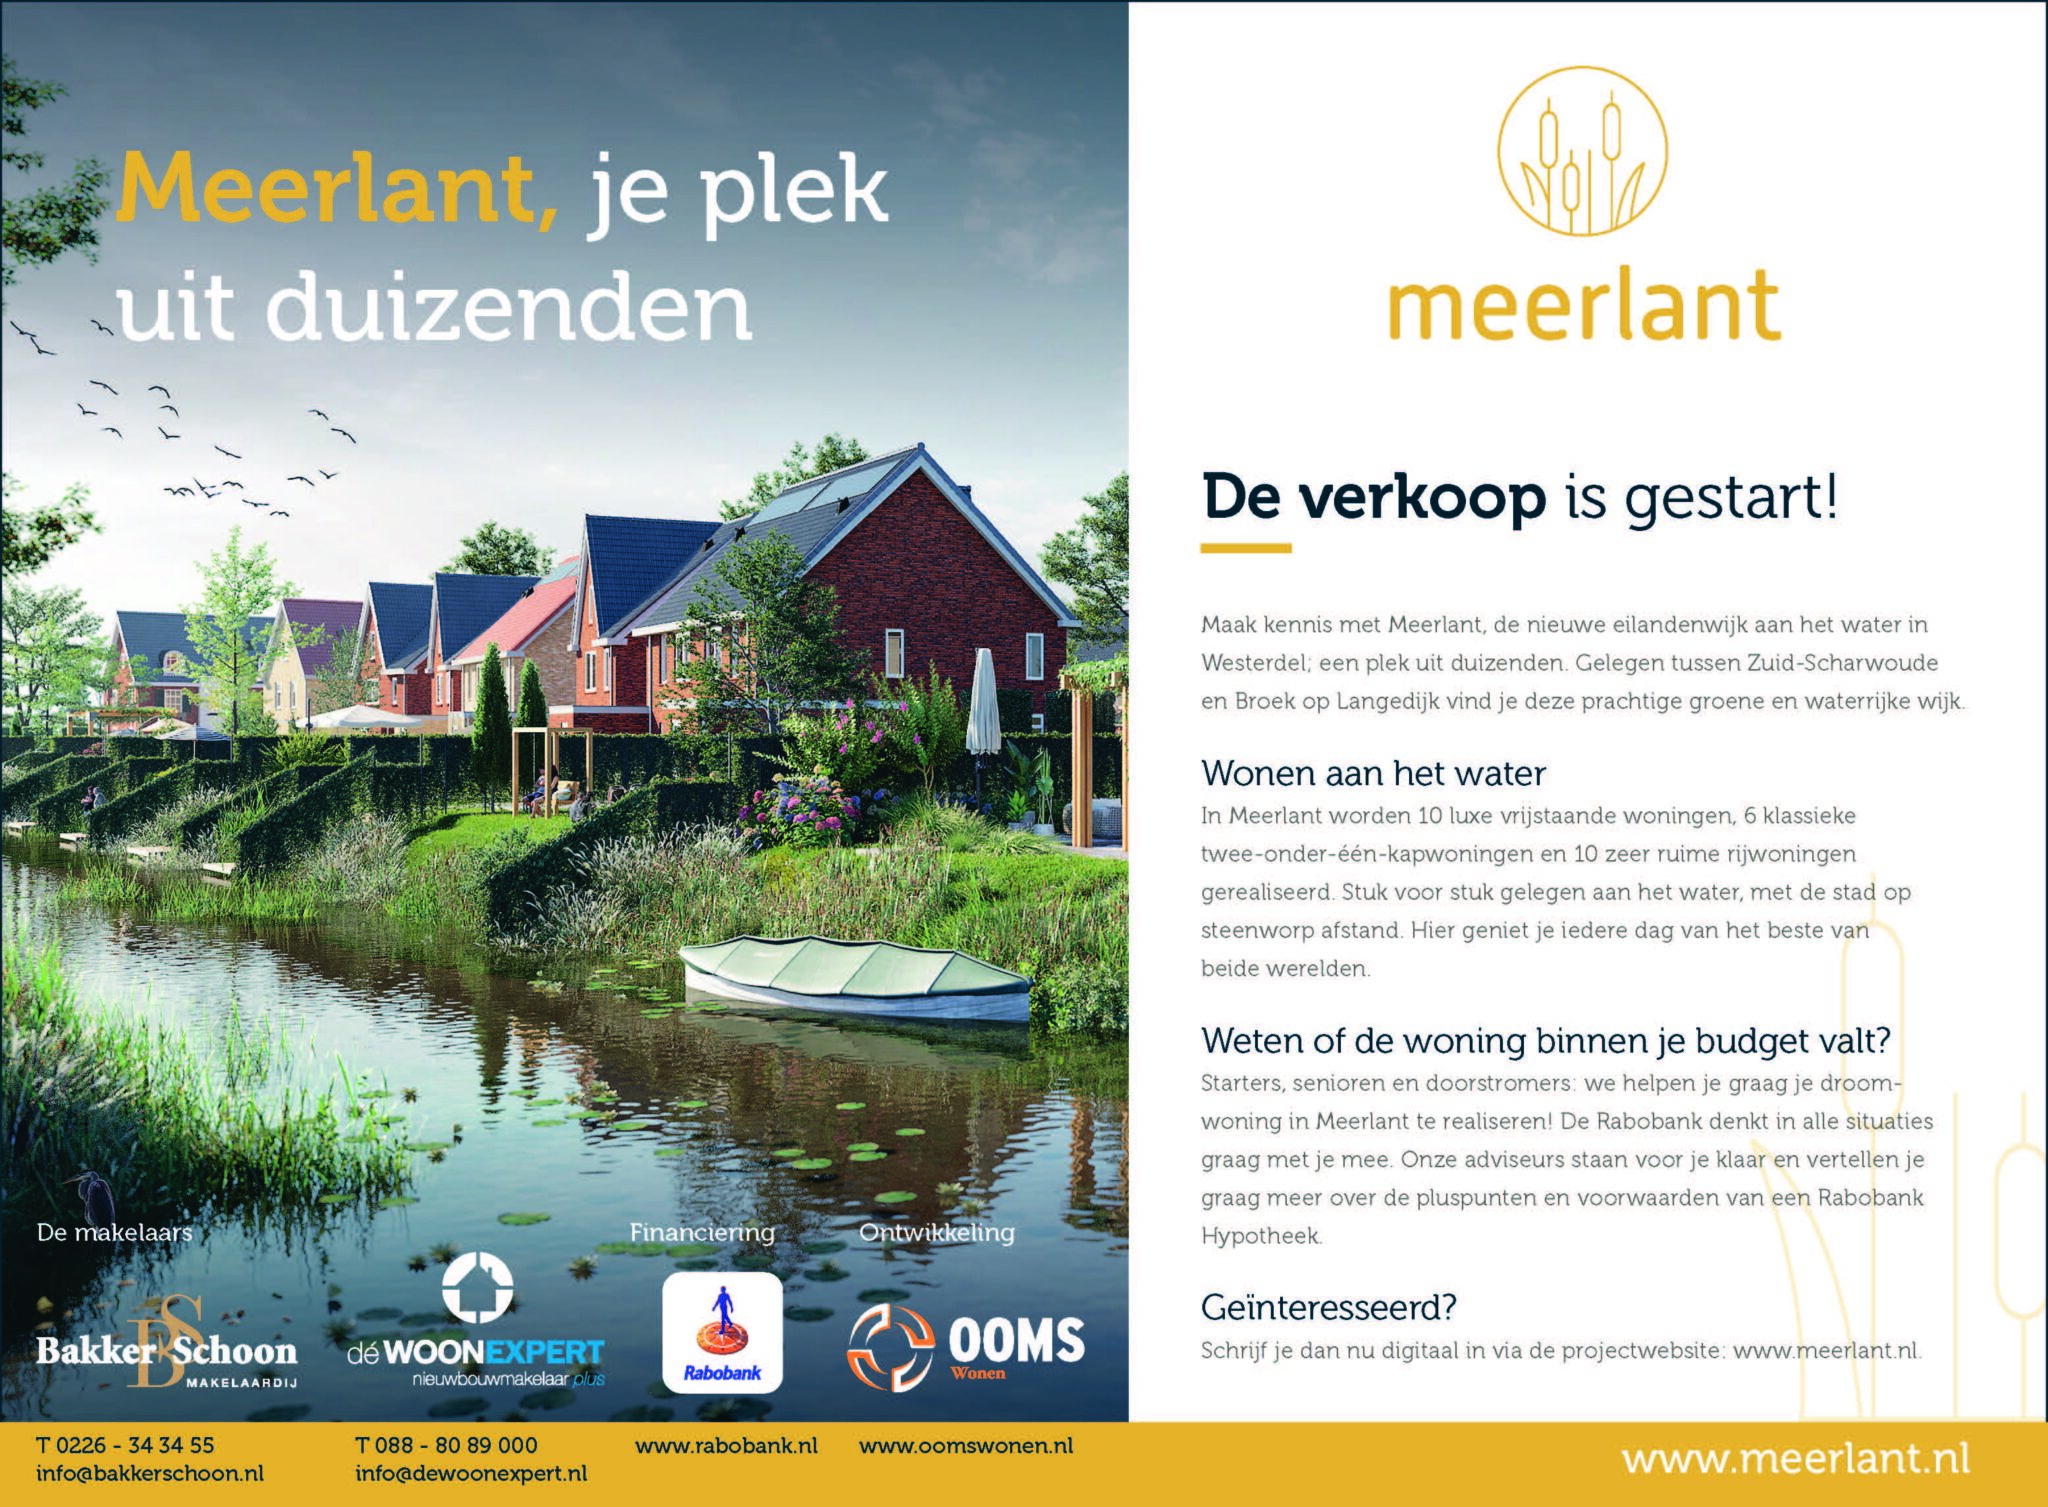 Verkoop Project Meerlant Gestart!